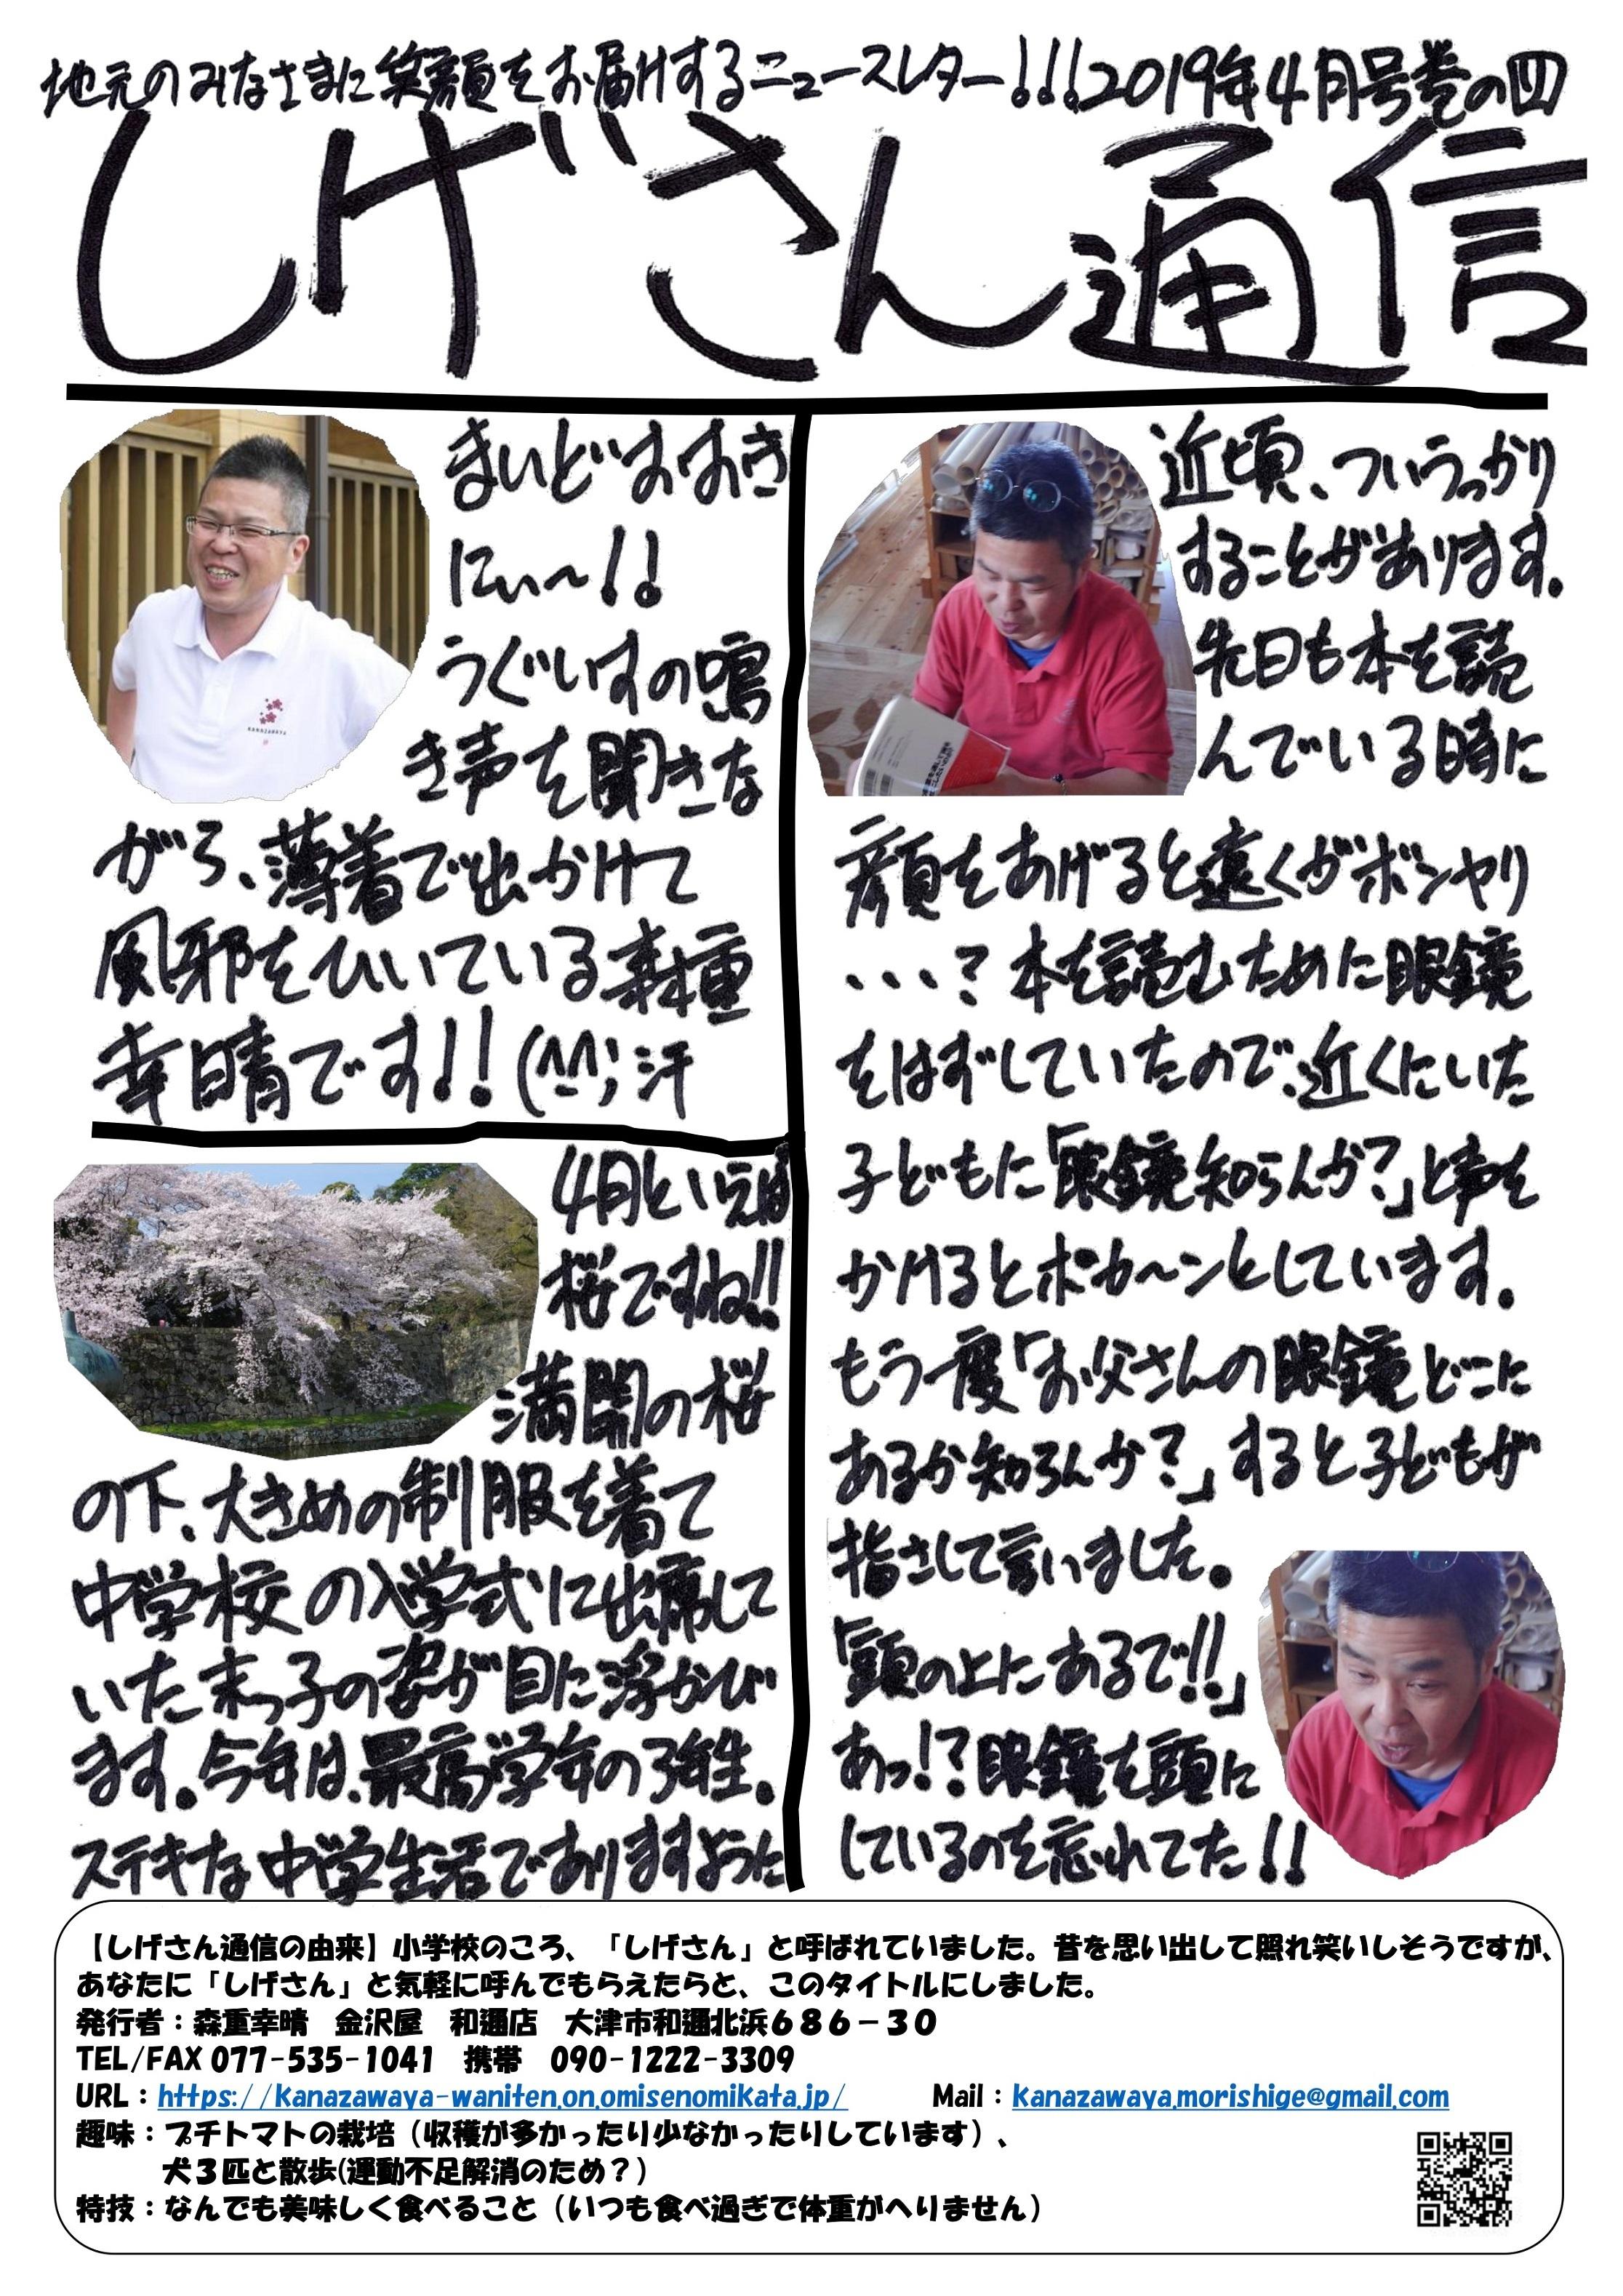 しげさん通信 2019年4月号 巻の四